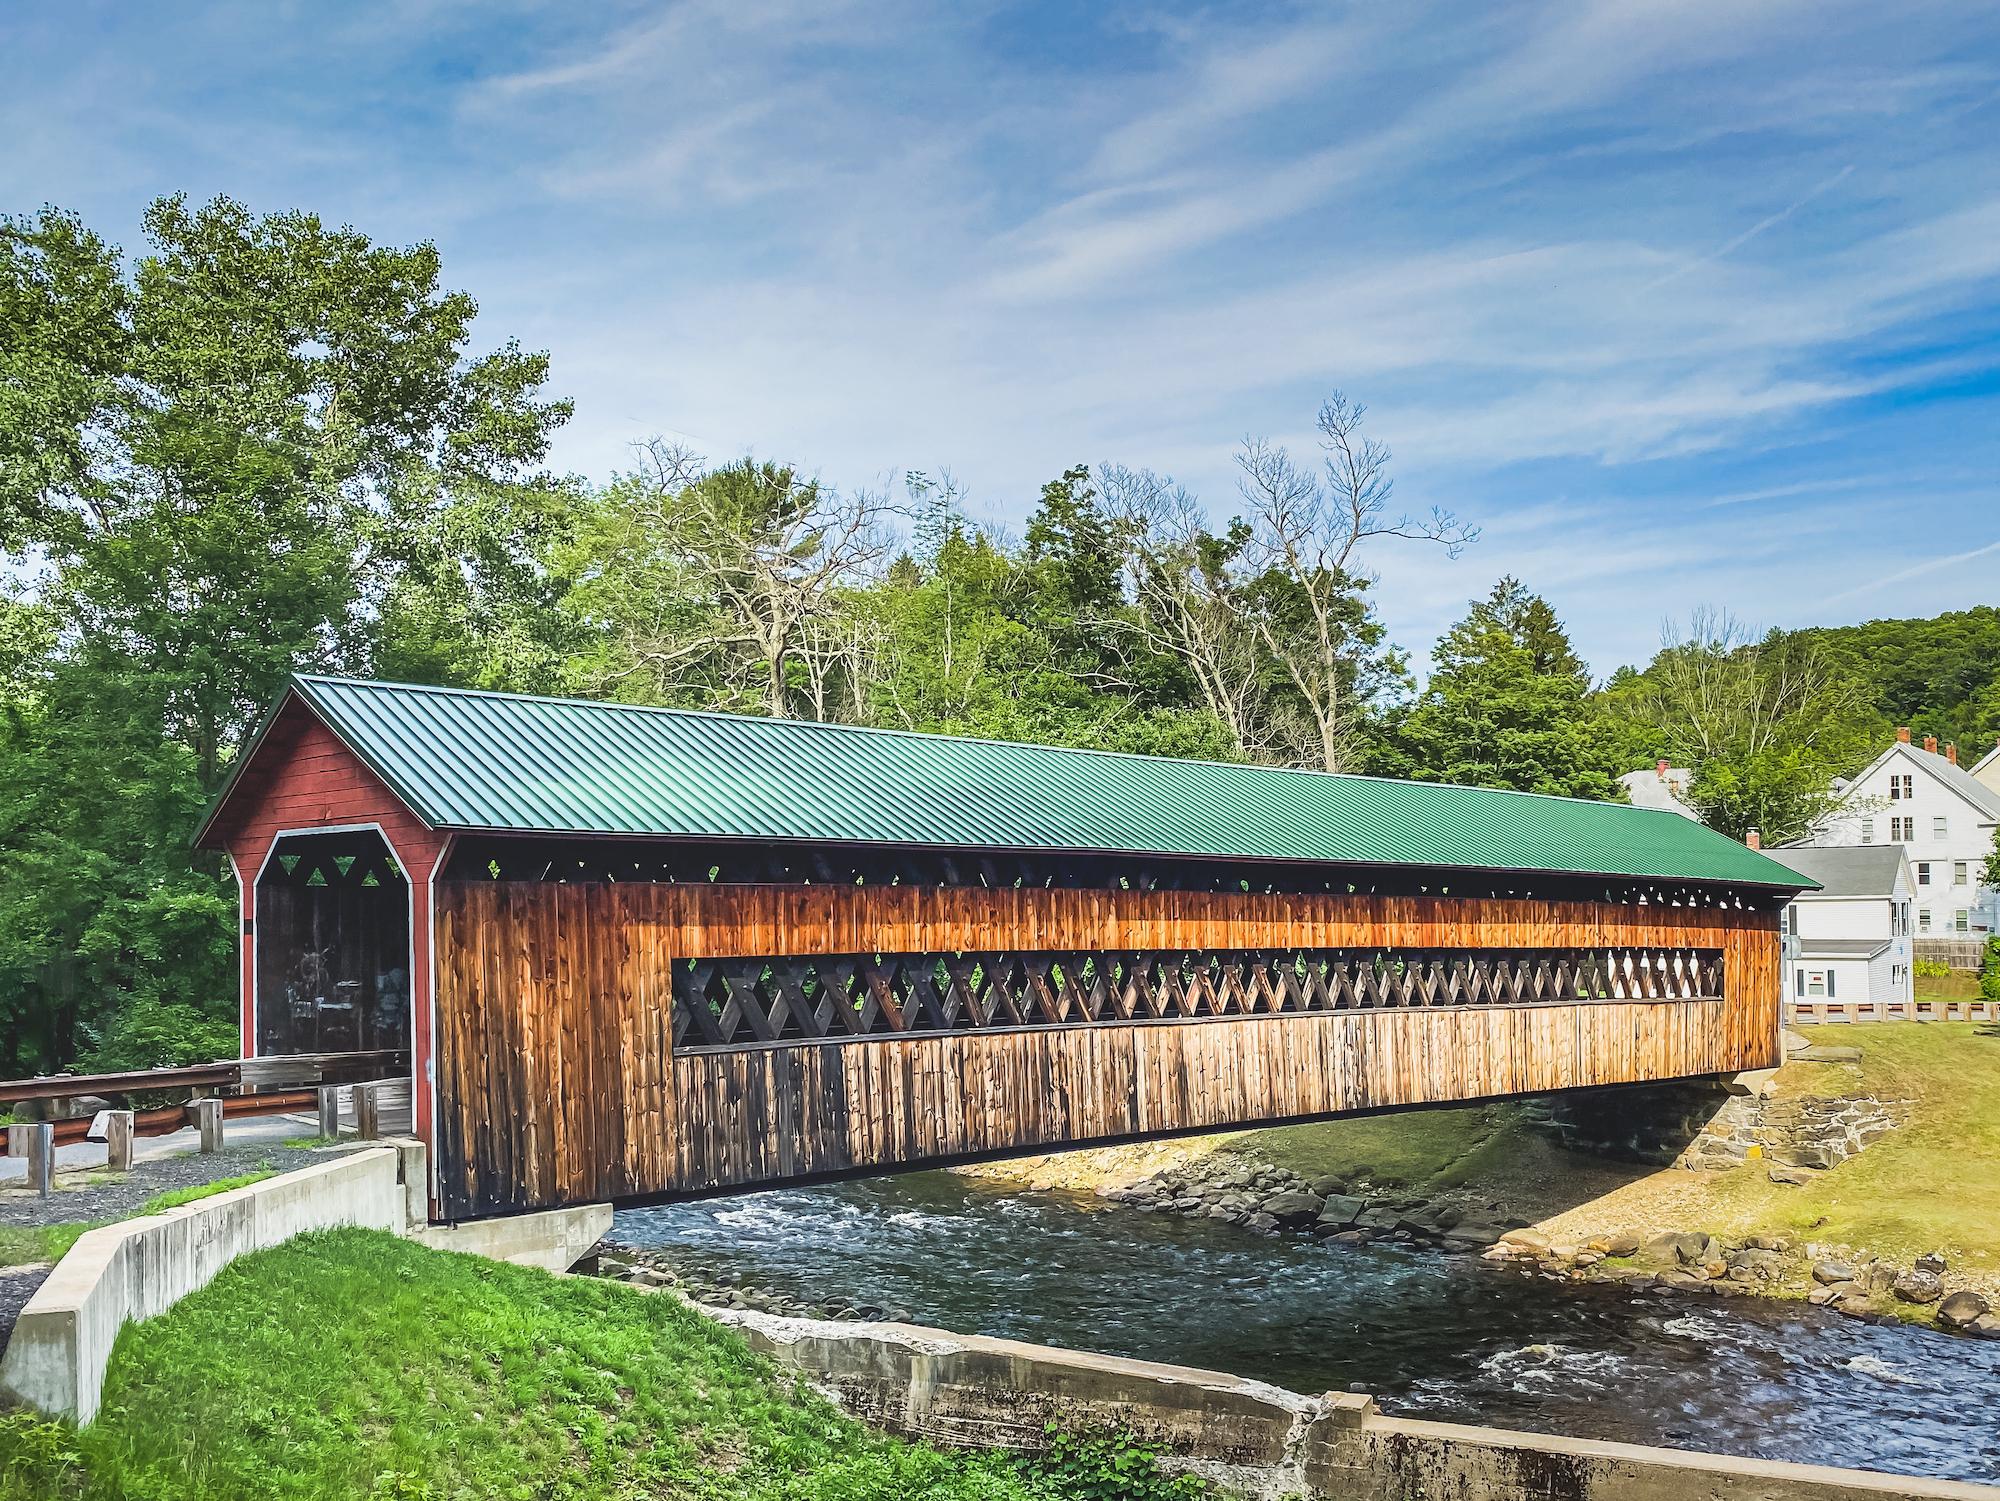 Covered Bridge, Ware, Massachusetts